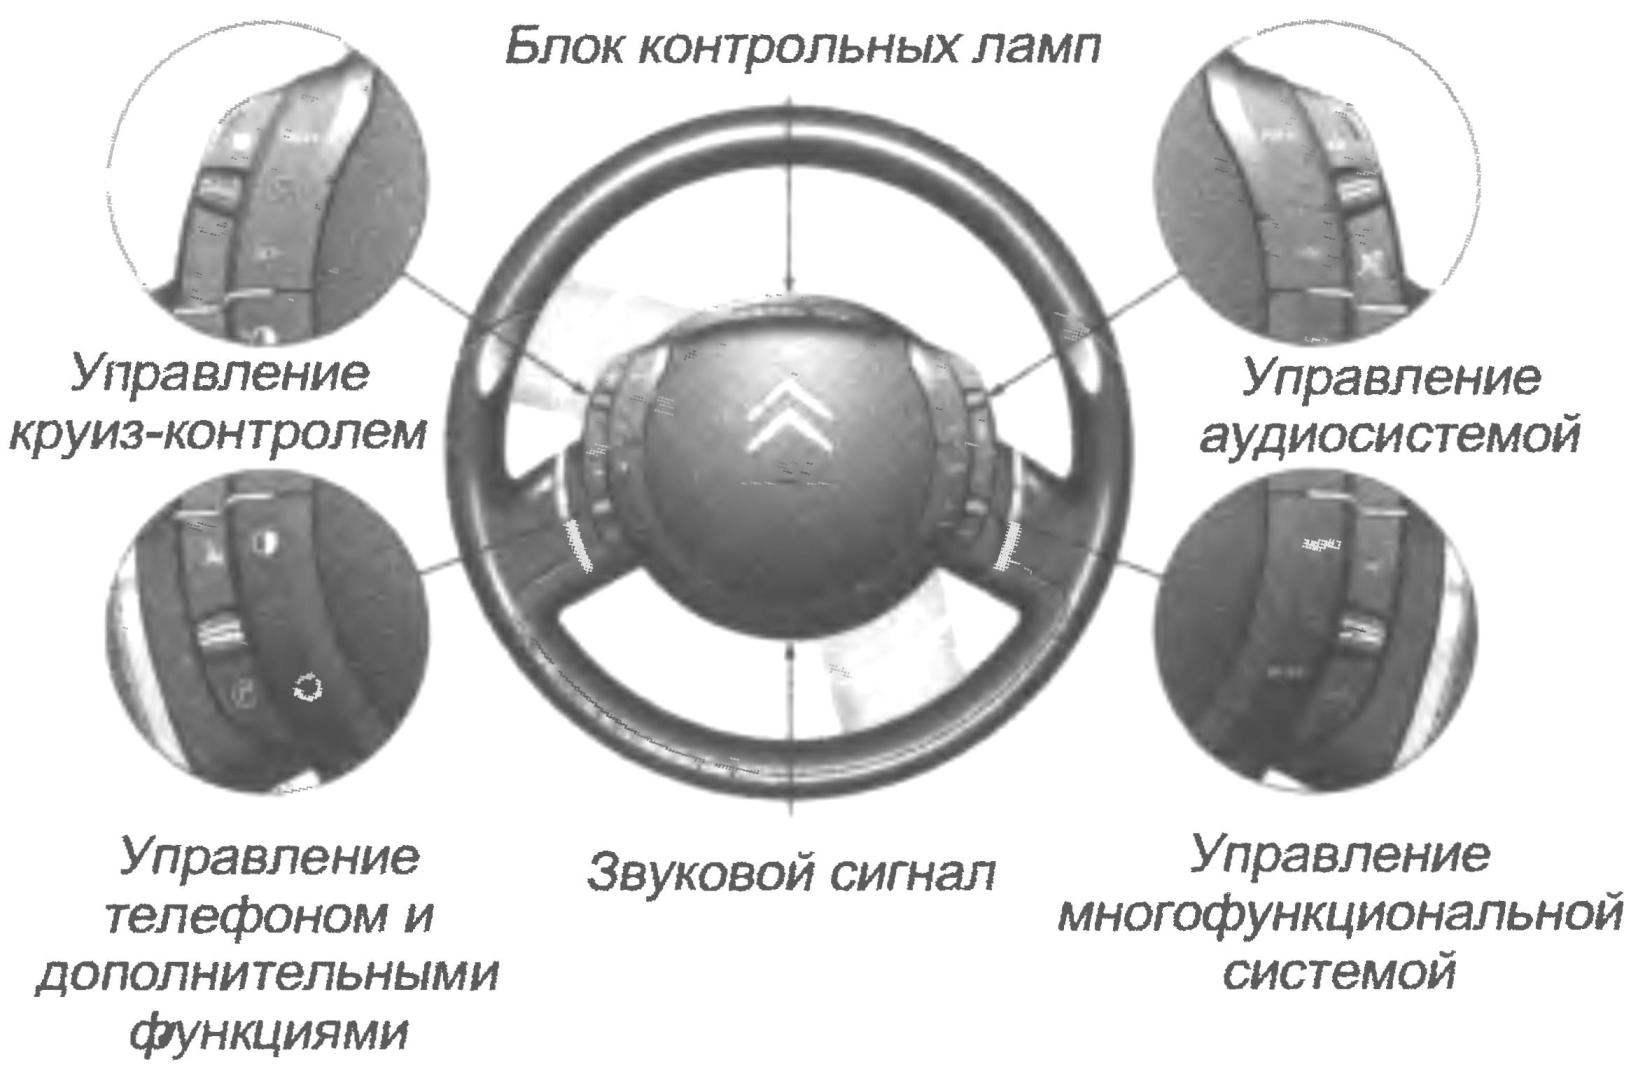 Расположение клавишей управления системами автомобиля на неподвижной ступице руля